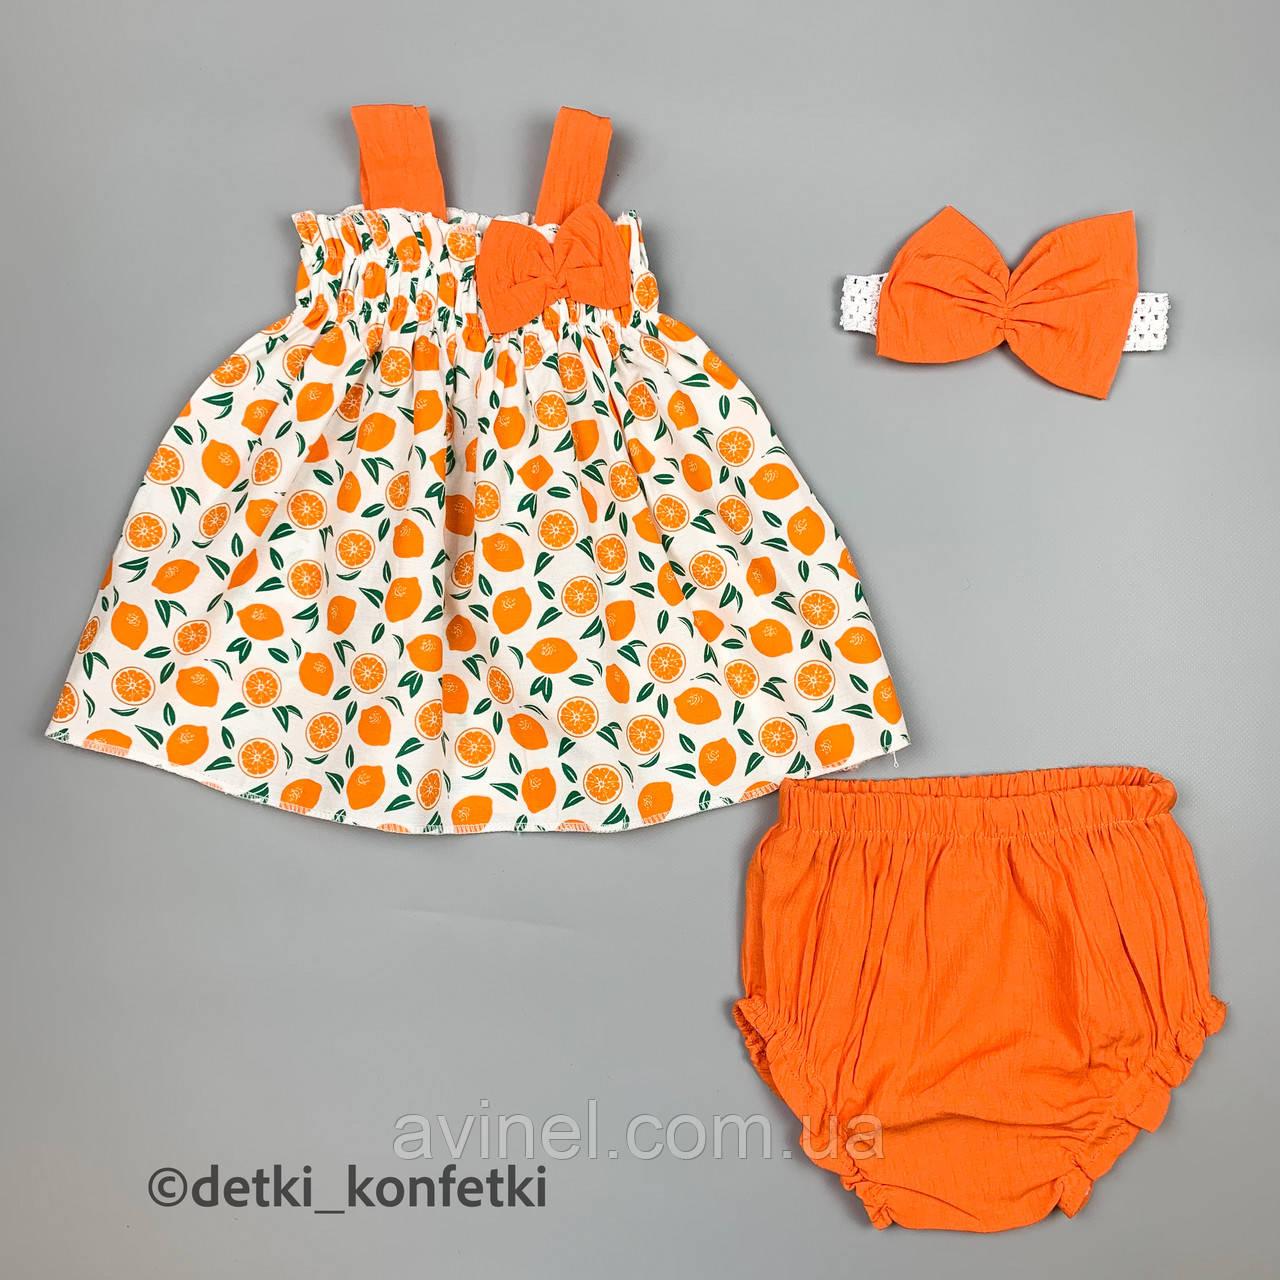 Комплект туника, блумер, повязка для девочки Оранжевый Ситец Murat baby Турция 68 (р)